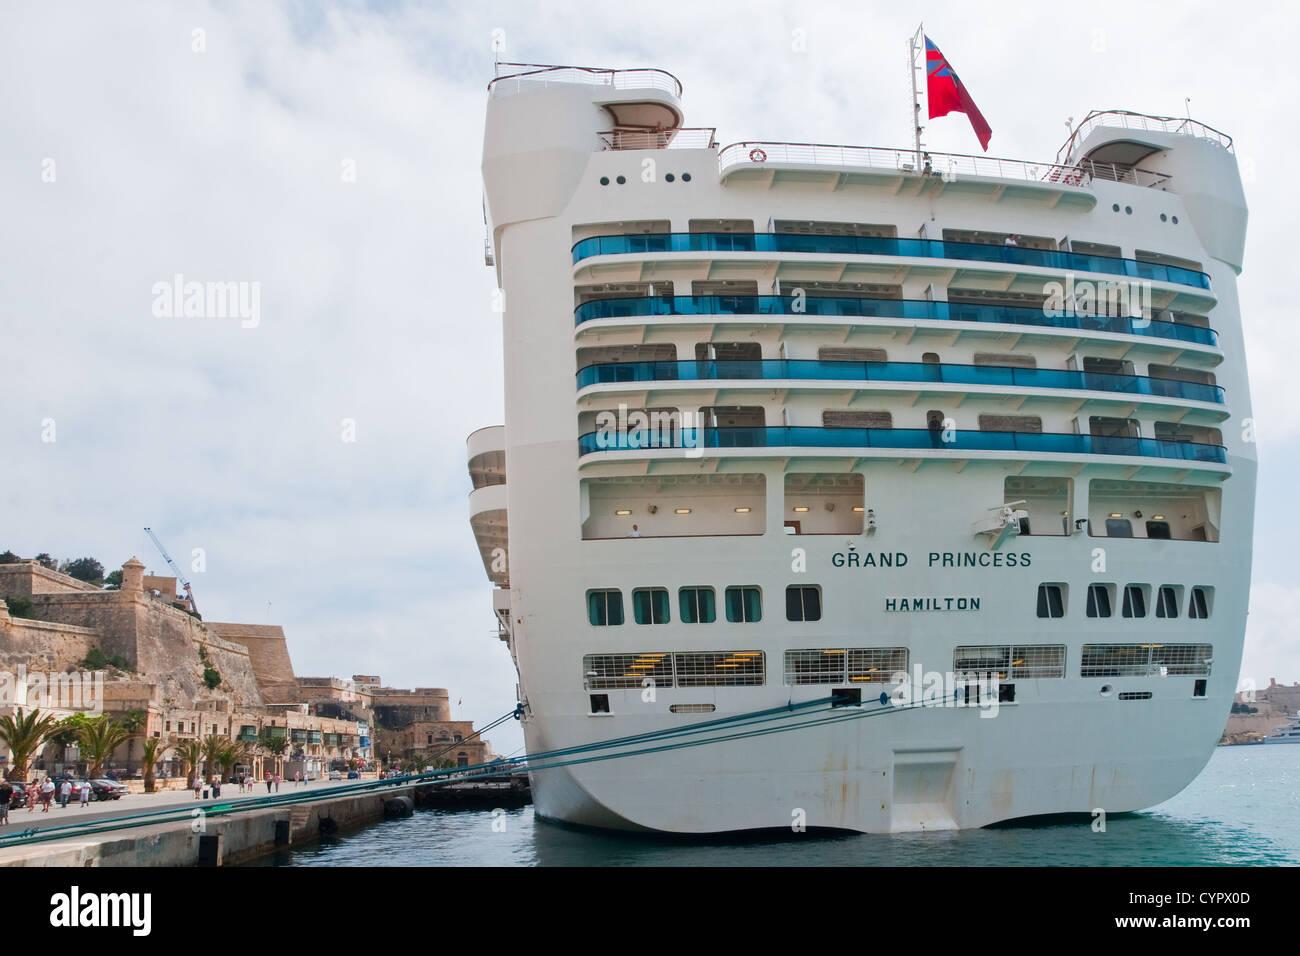 Stern vista do navio de cruzeiro Grand